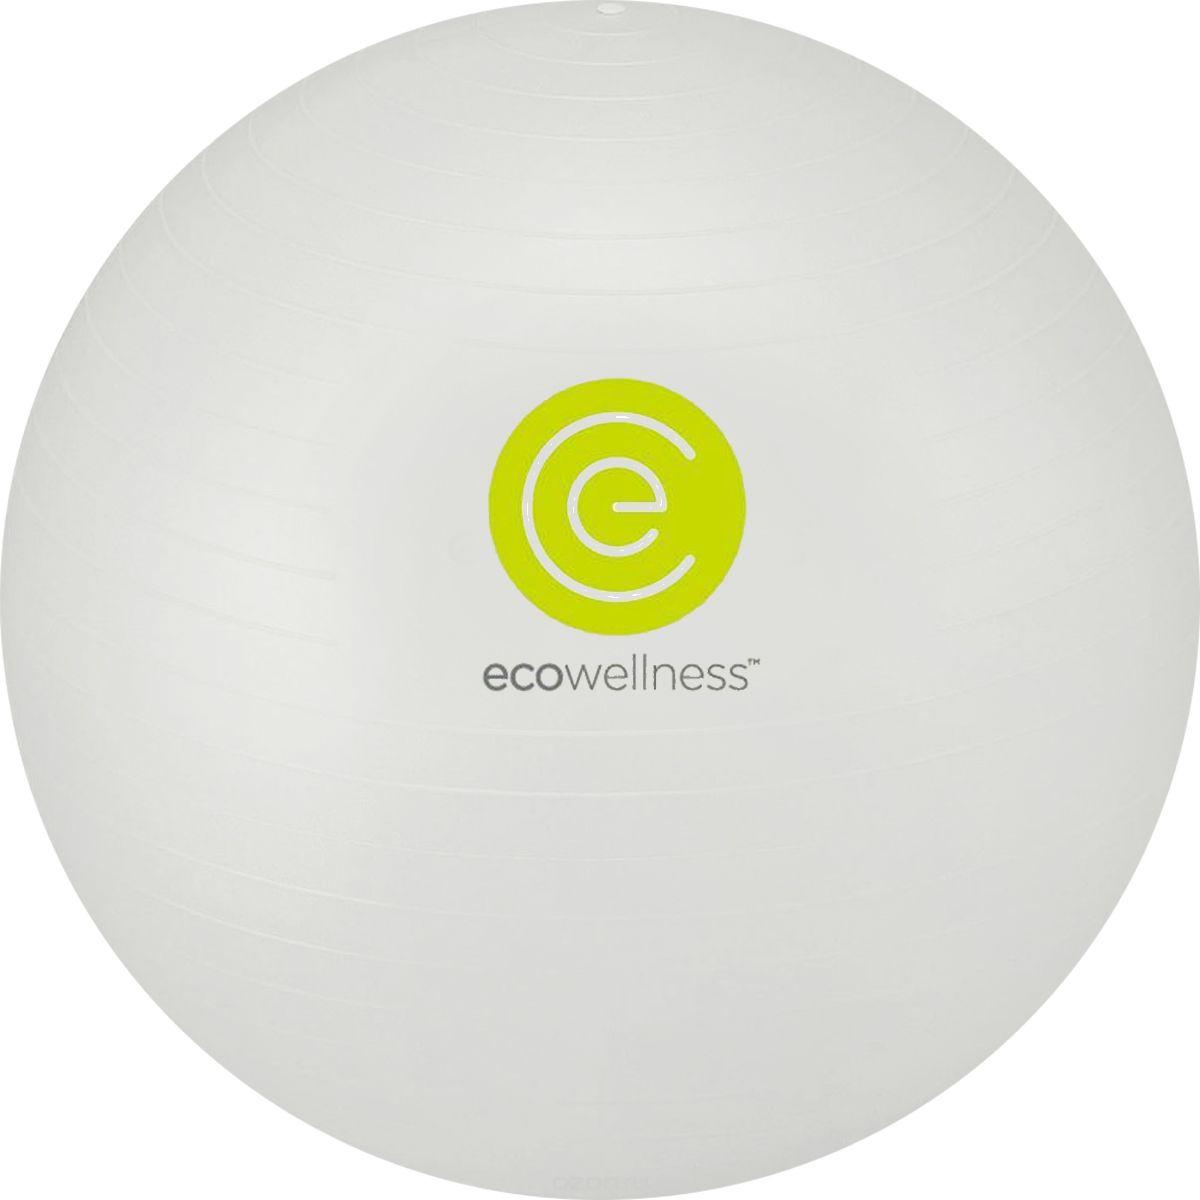 Мяч гимнастический Ecowellness, c ручным насосом, цвет: серебристый, диаметр 75 смQB-001TAG3-30DМяч Ecowellness предназначен для гимнастических и медицинских целей в лечебных упражнениях. Он выполнен из прочного гипоаллергенного ПВХ. Прекрасно подходит для использования в домашних условиях. Данный мяч можно использовать для: реабилитации после травм и операций, восстановления после перенесенного инсульта, стимуляции и релаксации мышечных тканей, улучшения кровообращения, лечении и профилактики сколиоза, при заболеваниях или повреждениях опорно-двигательного аппарата.УВАЖЕМЫЕ КЛИЕНТЫ!Обращаем ваше внимание на тот факт, что мяч поставляется в сдутом виде. Насос входит в комплект.